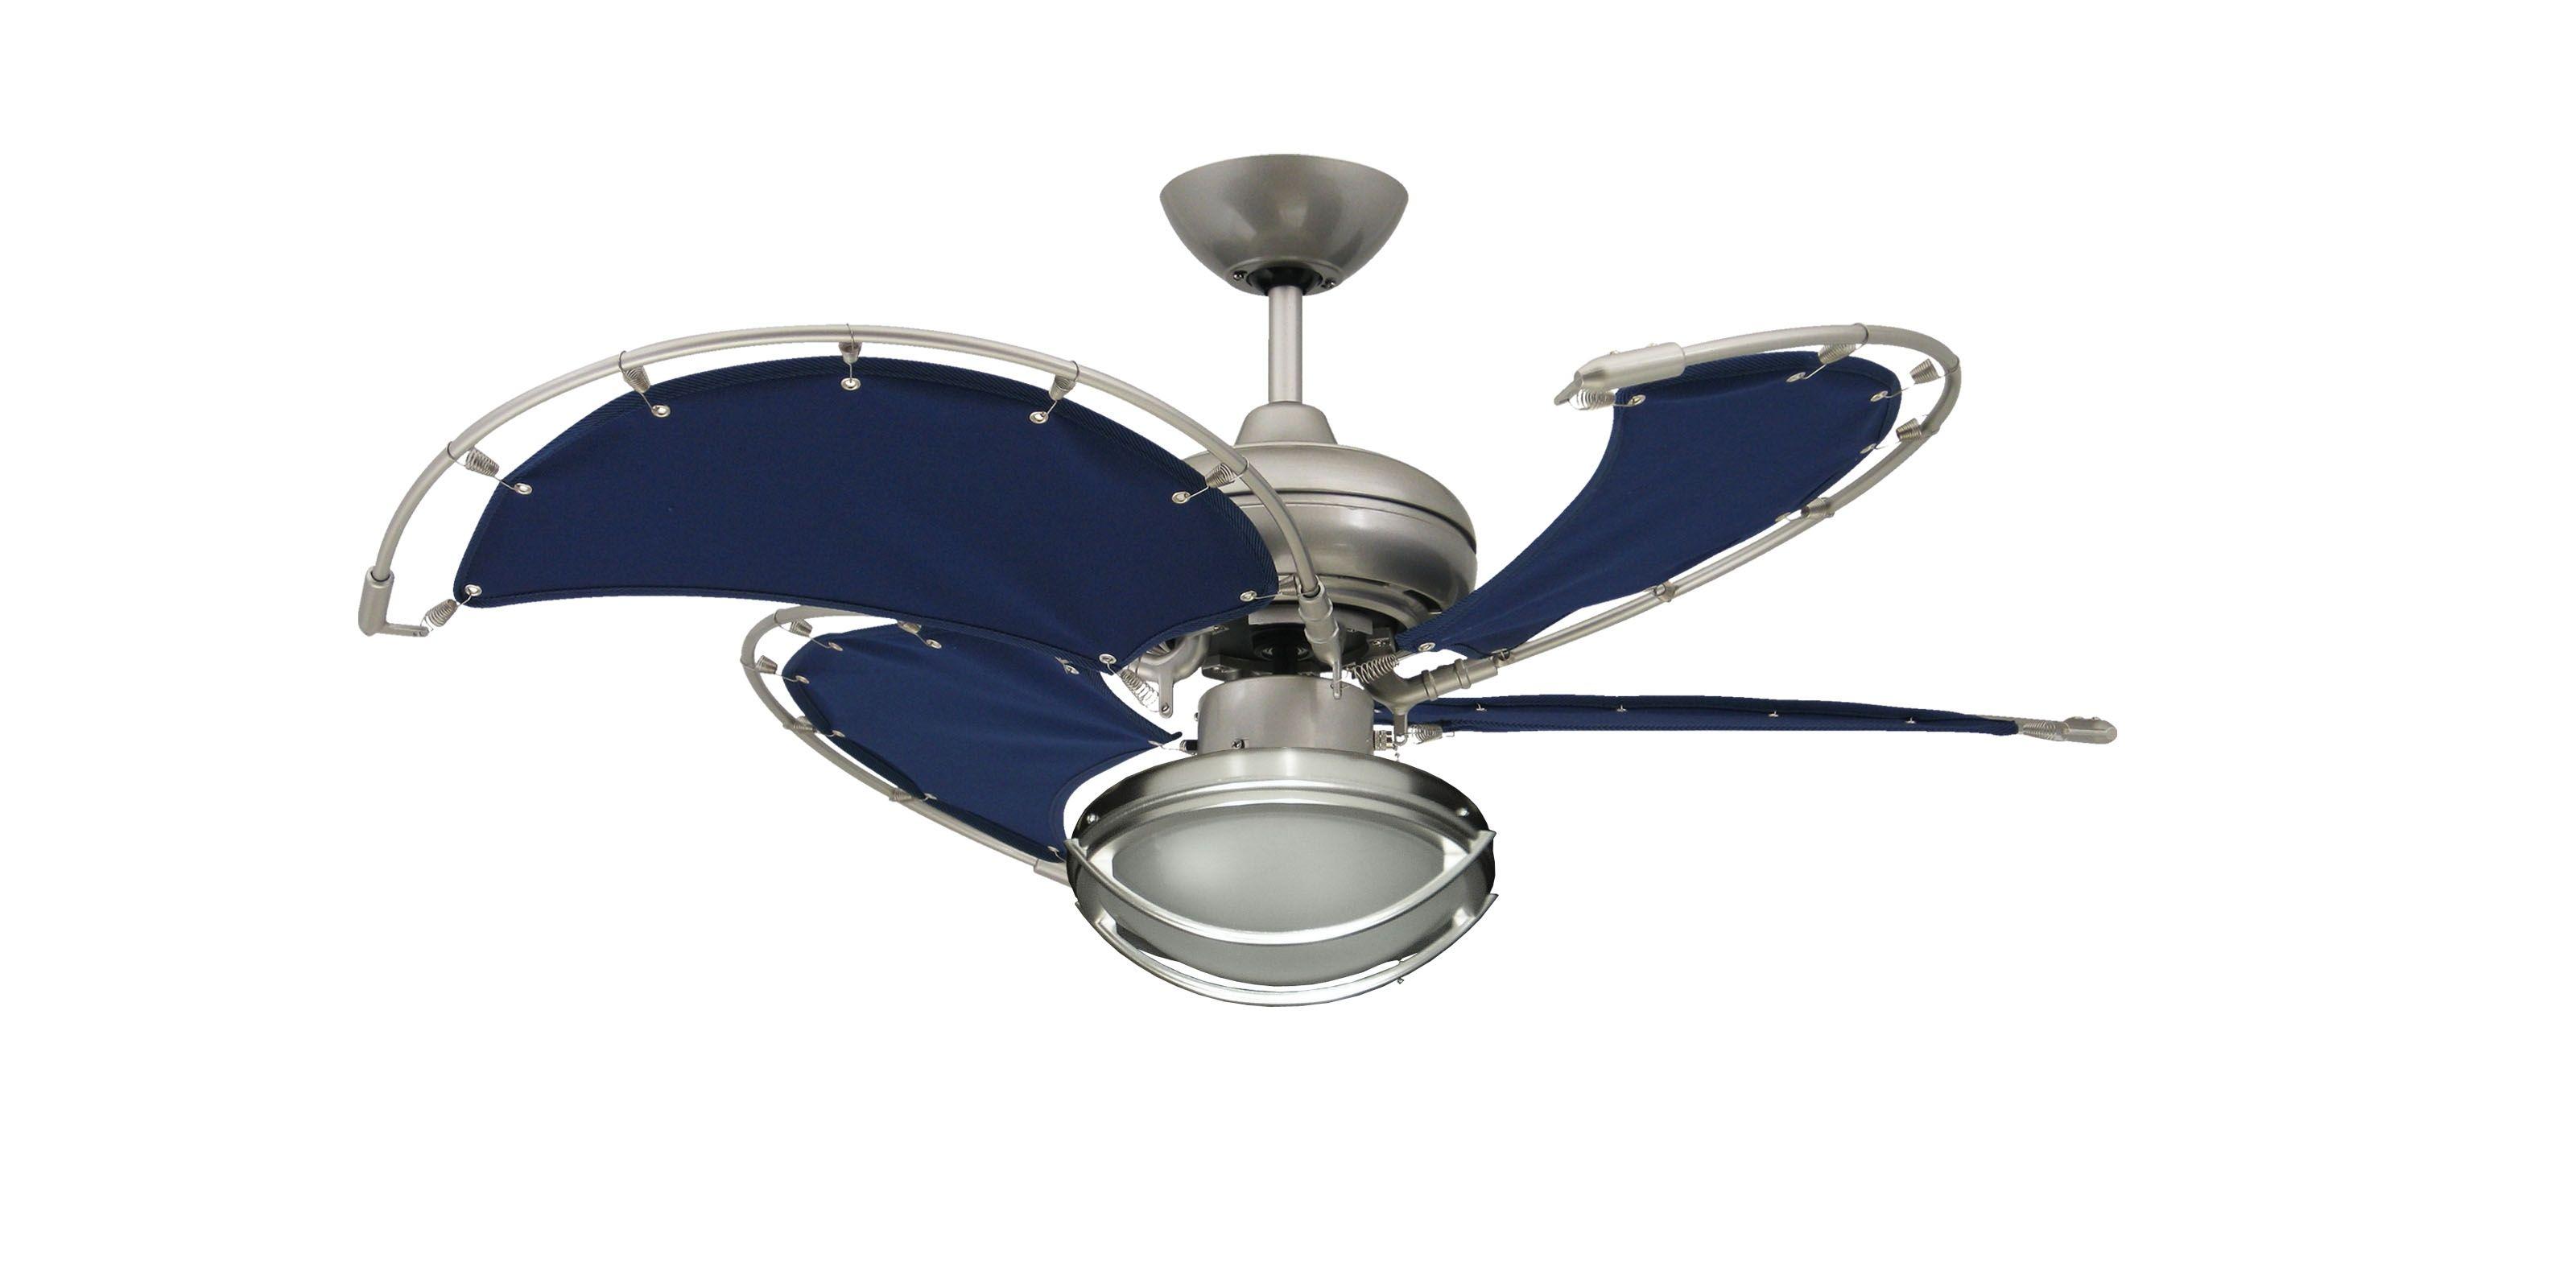 Heissen 31 Inspirierend Indoor Outdoor Deckenventilator Mit Licht Machen Sie Sich Verzaubern Mehr Auf Uns Beleuchtung Fur Zuhause Deckenventilator Blitz Design